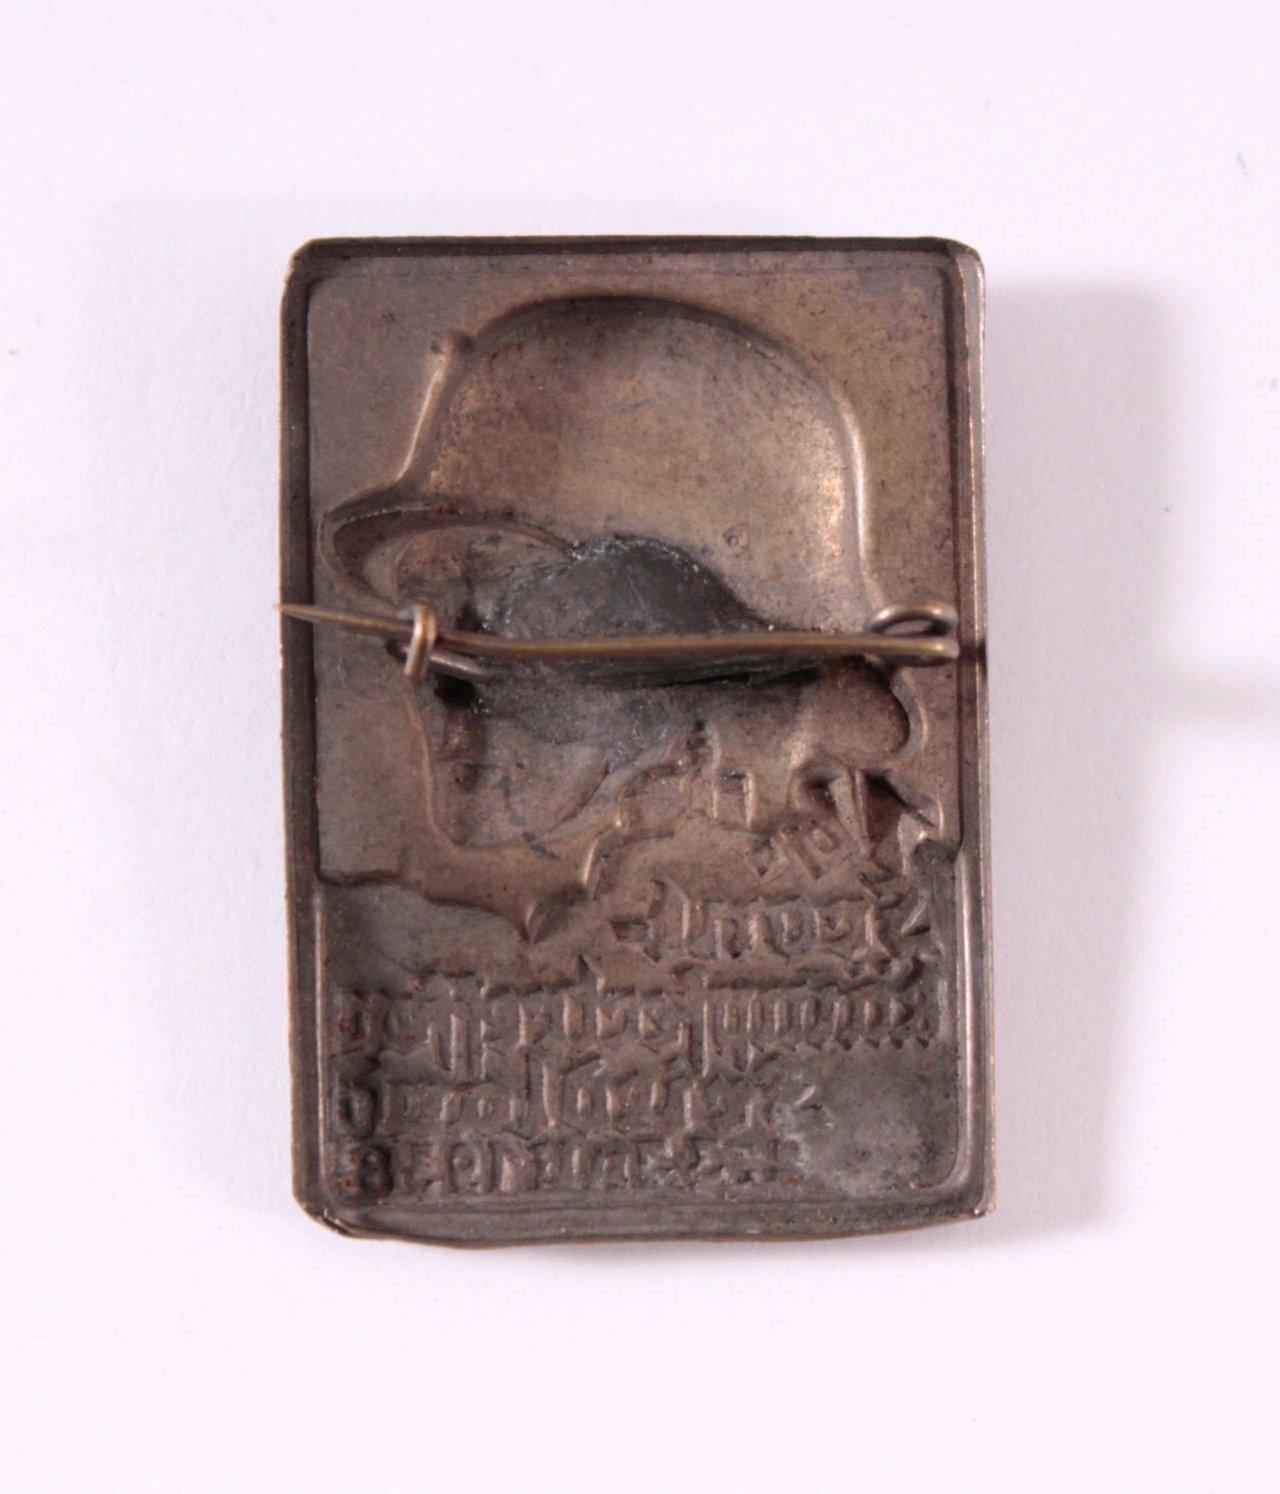 Abzeichen 16. Frontkämpfertreffen Friedland 1938-1